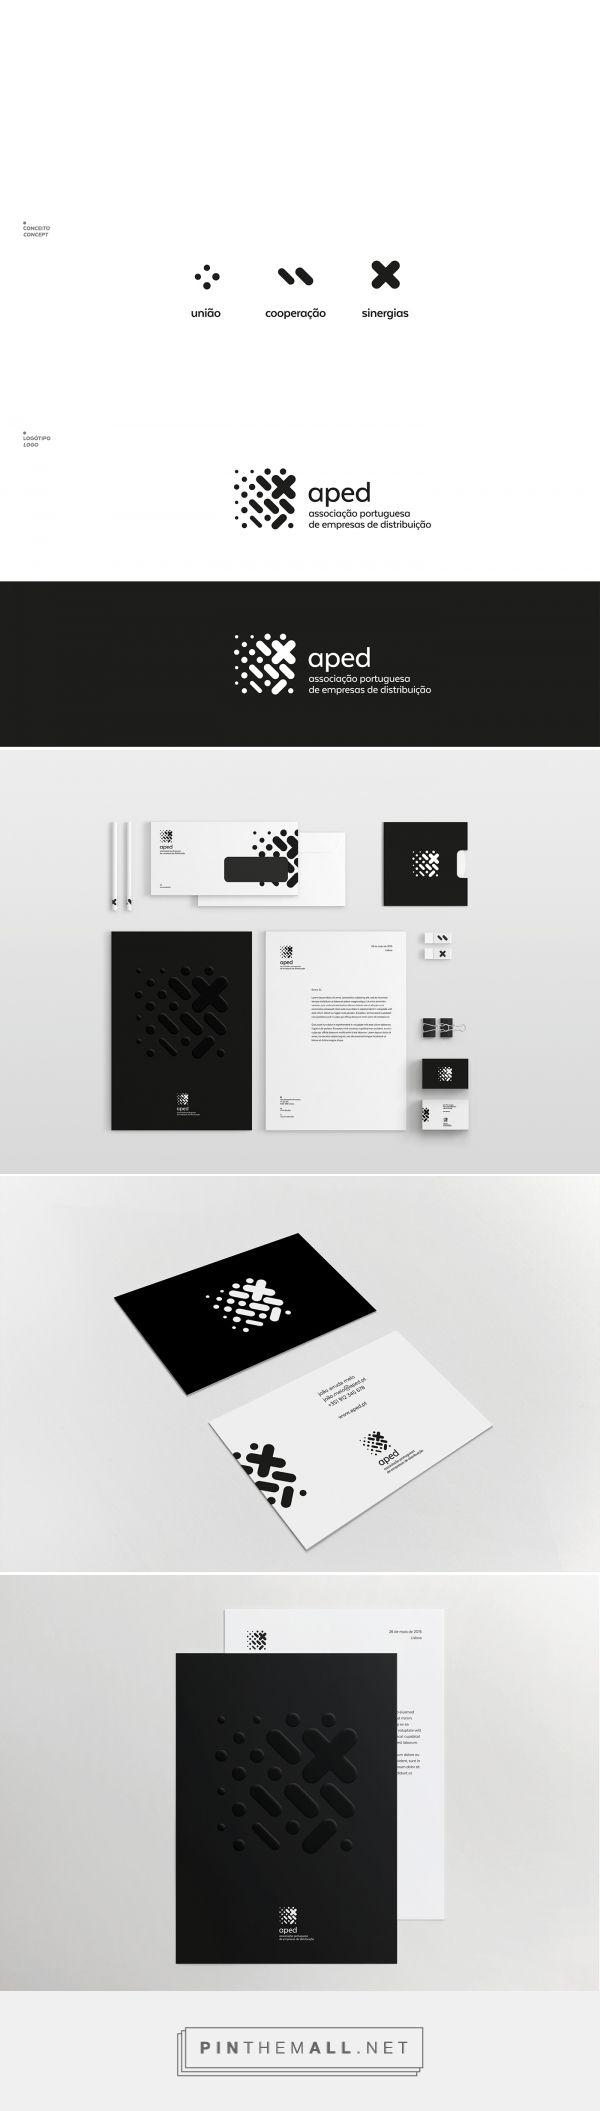 Filipa Serra_#graphicdesigntrends #graphicdesign #design #trends #trendarchive #february